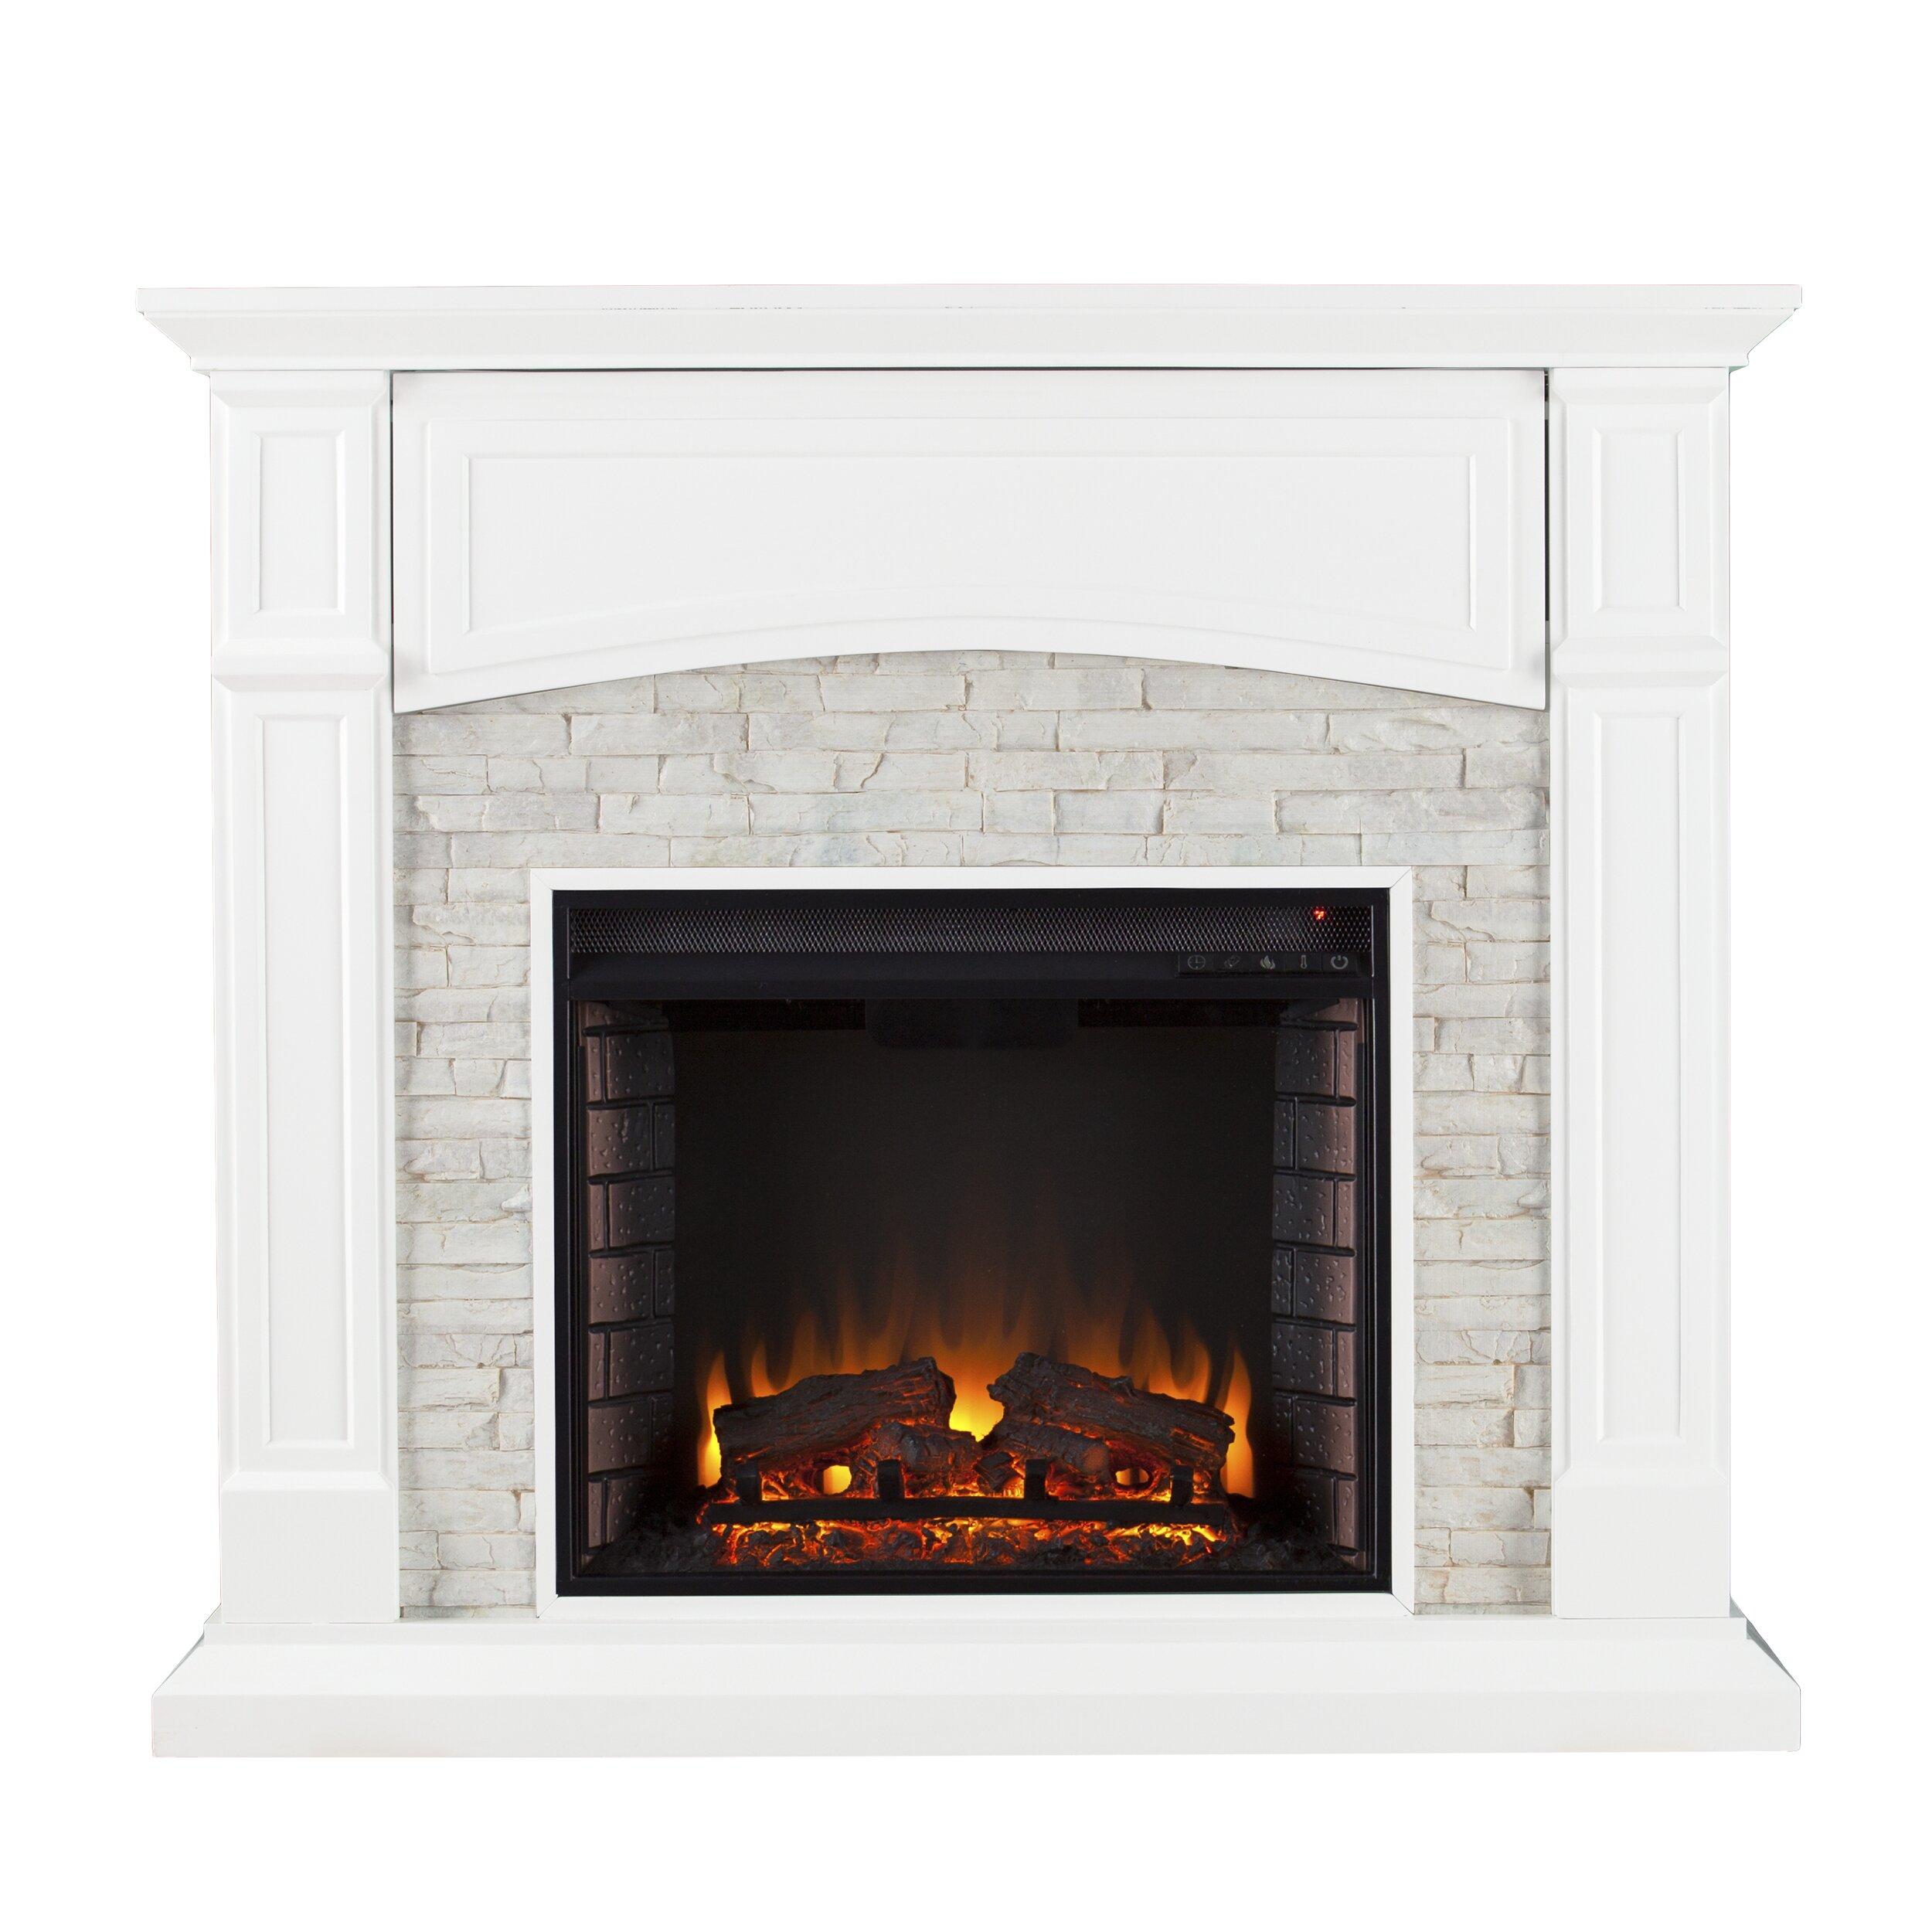 Wayfair fireplace